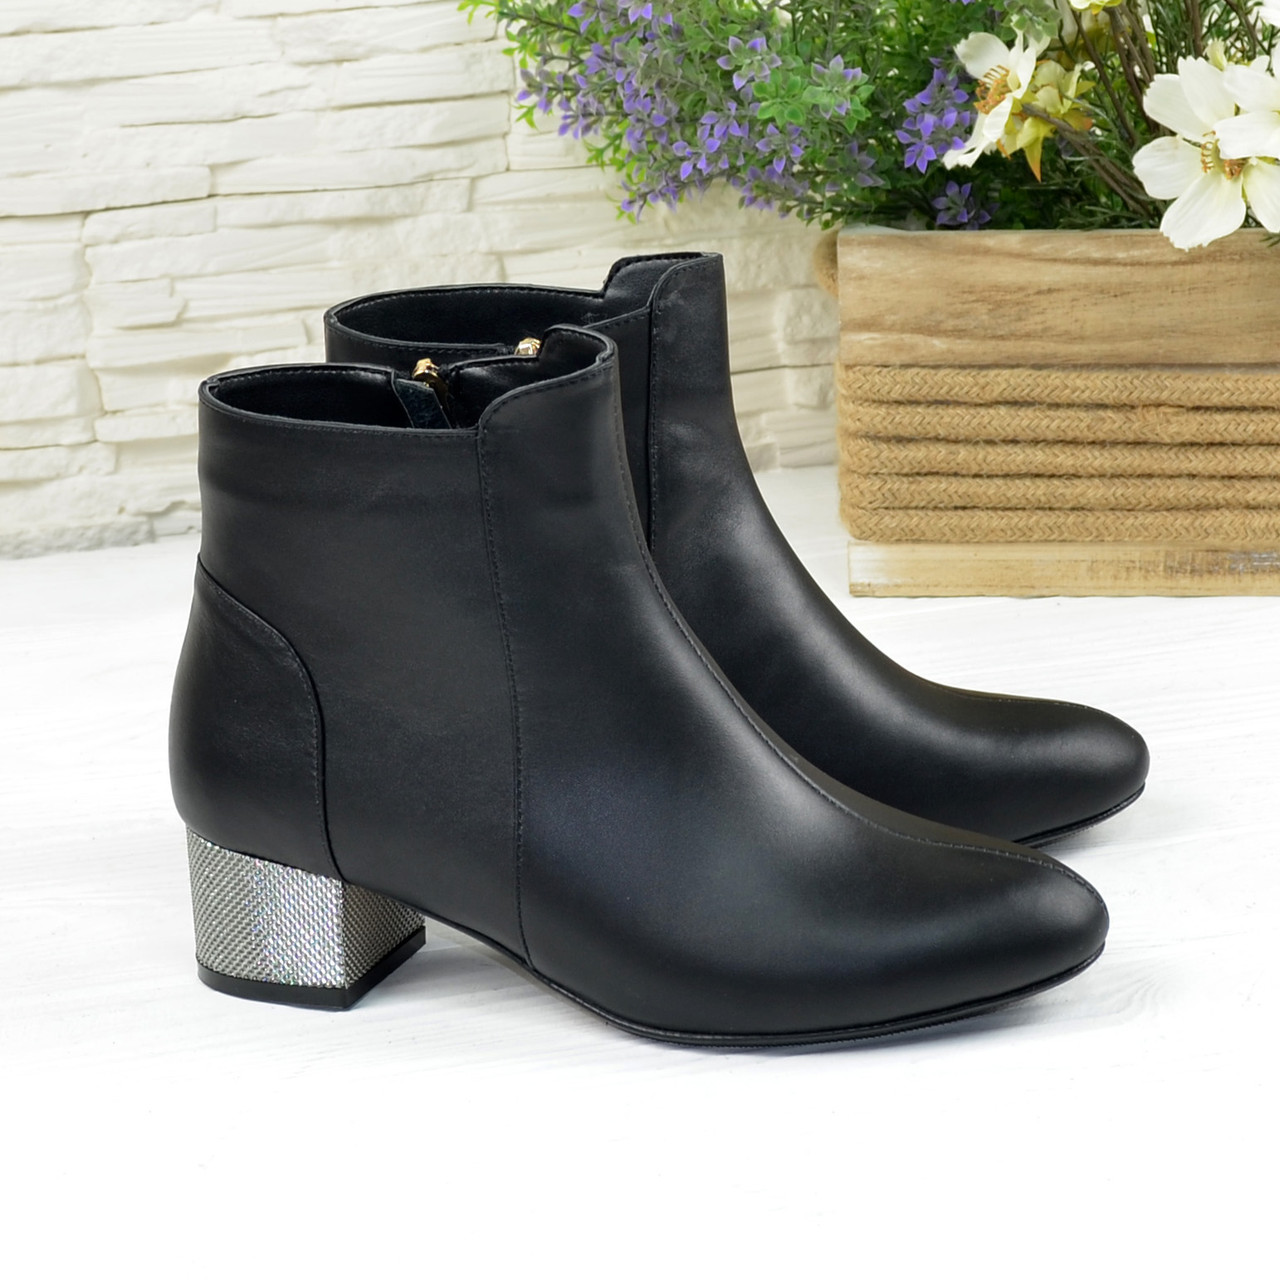 Полуботинки кожаные женские на маленьком каблуке, цвет черный